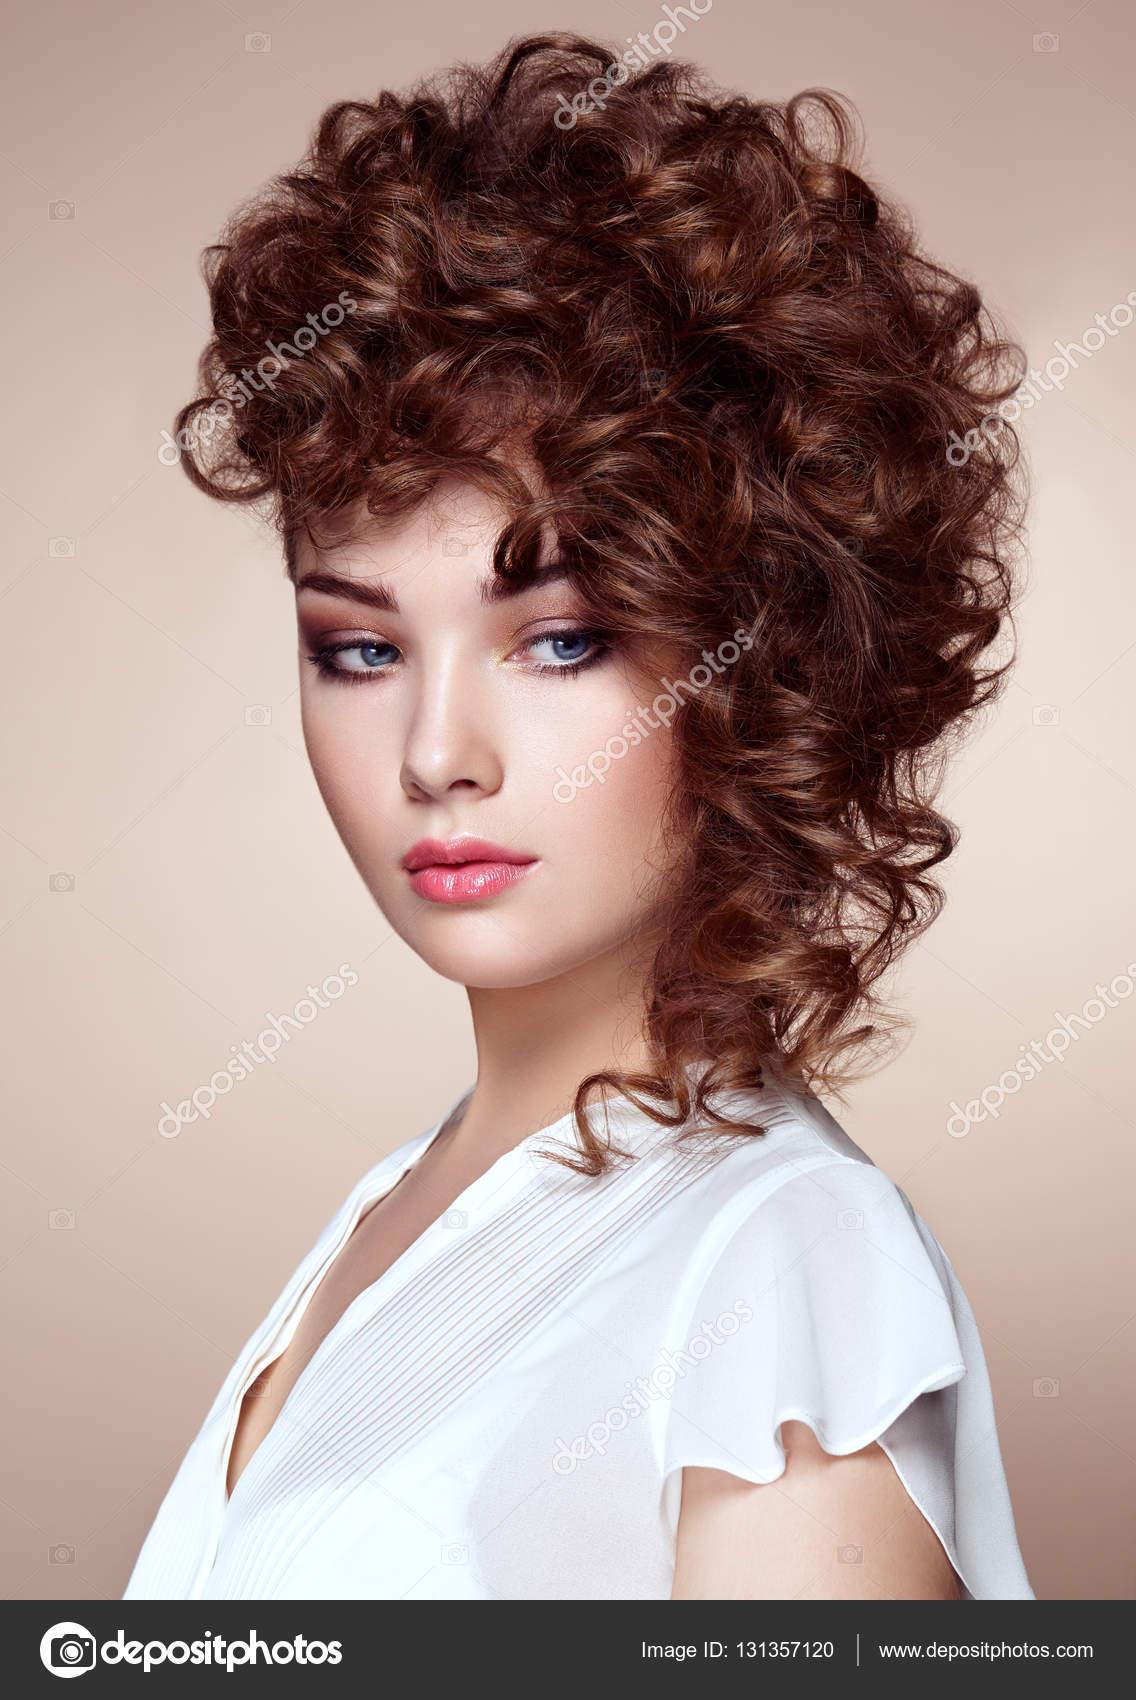 mujer morena con el pelo rizado y brillante u fotos de stock